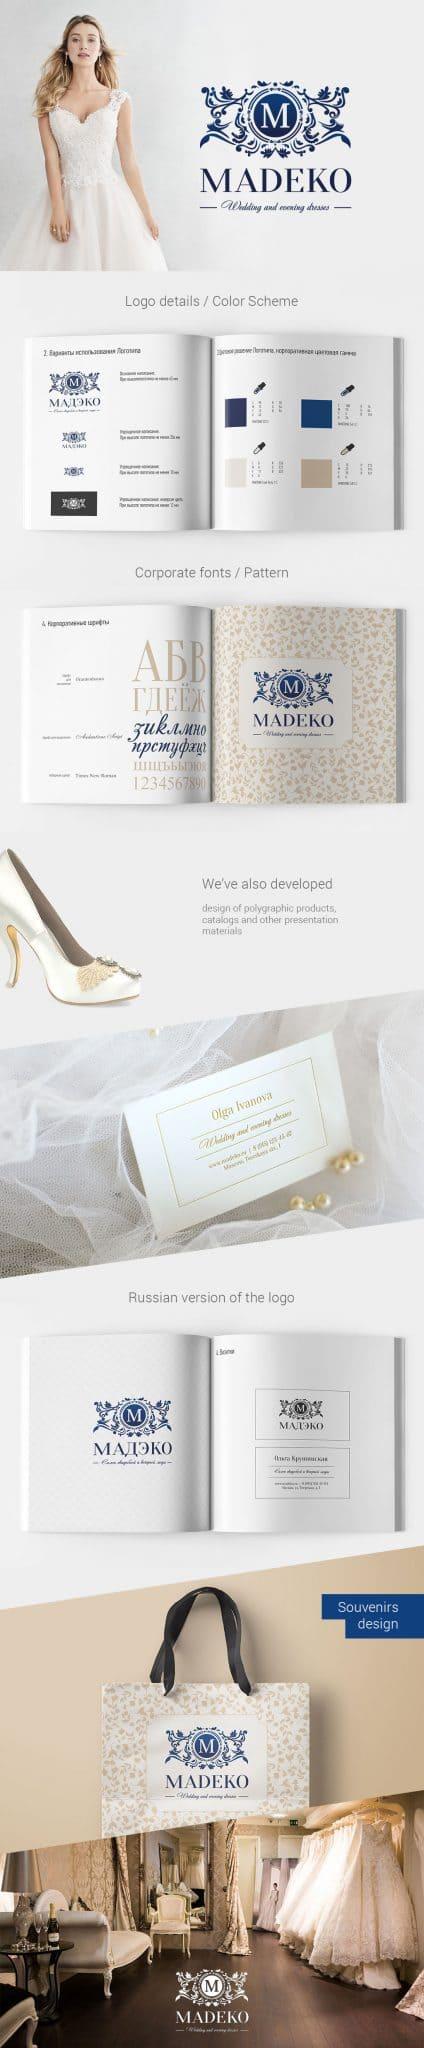 логотип свадебного салона, фирменный стиль свадебного салона и салона вечерних платьев